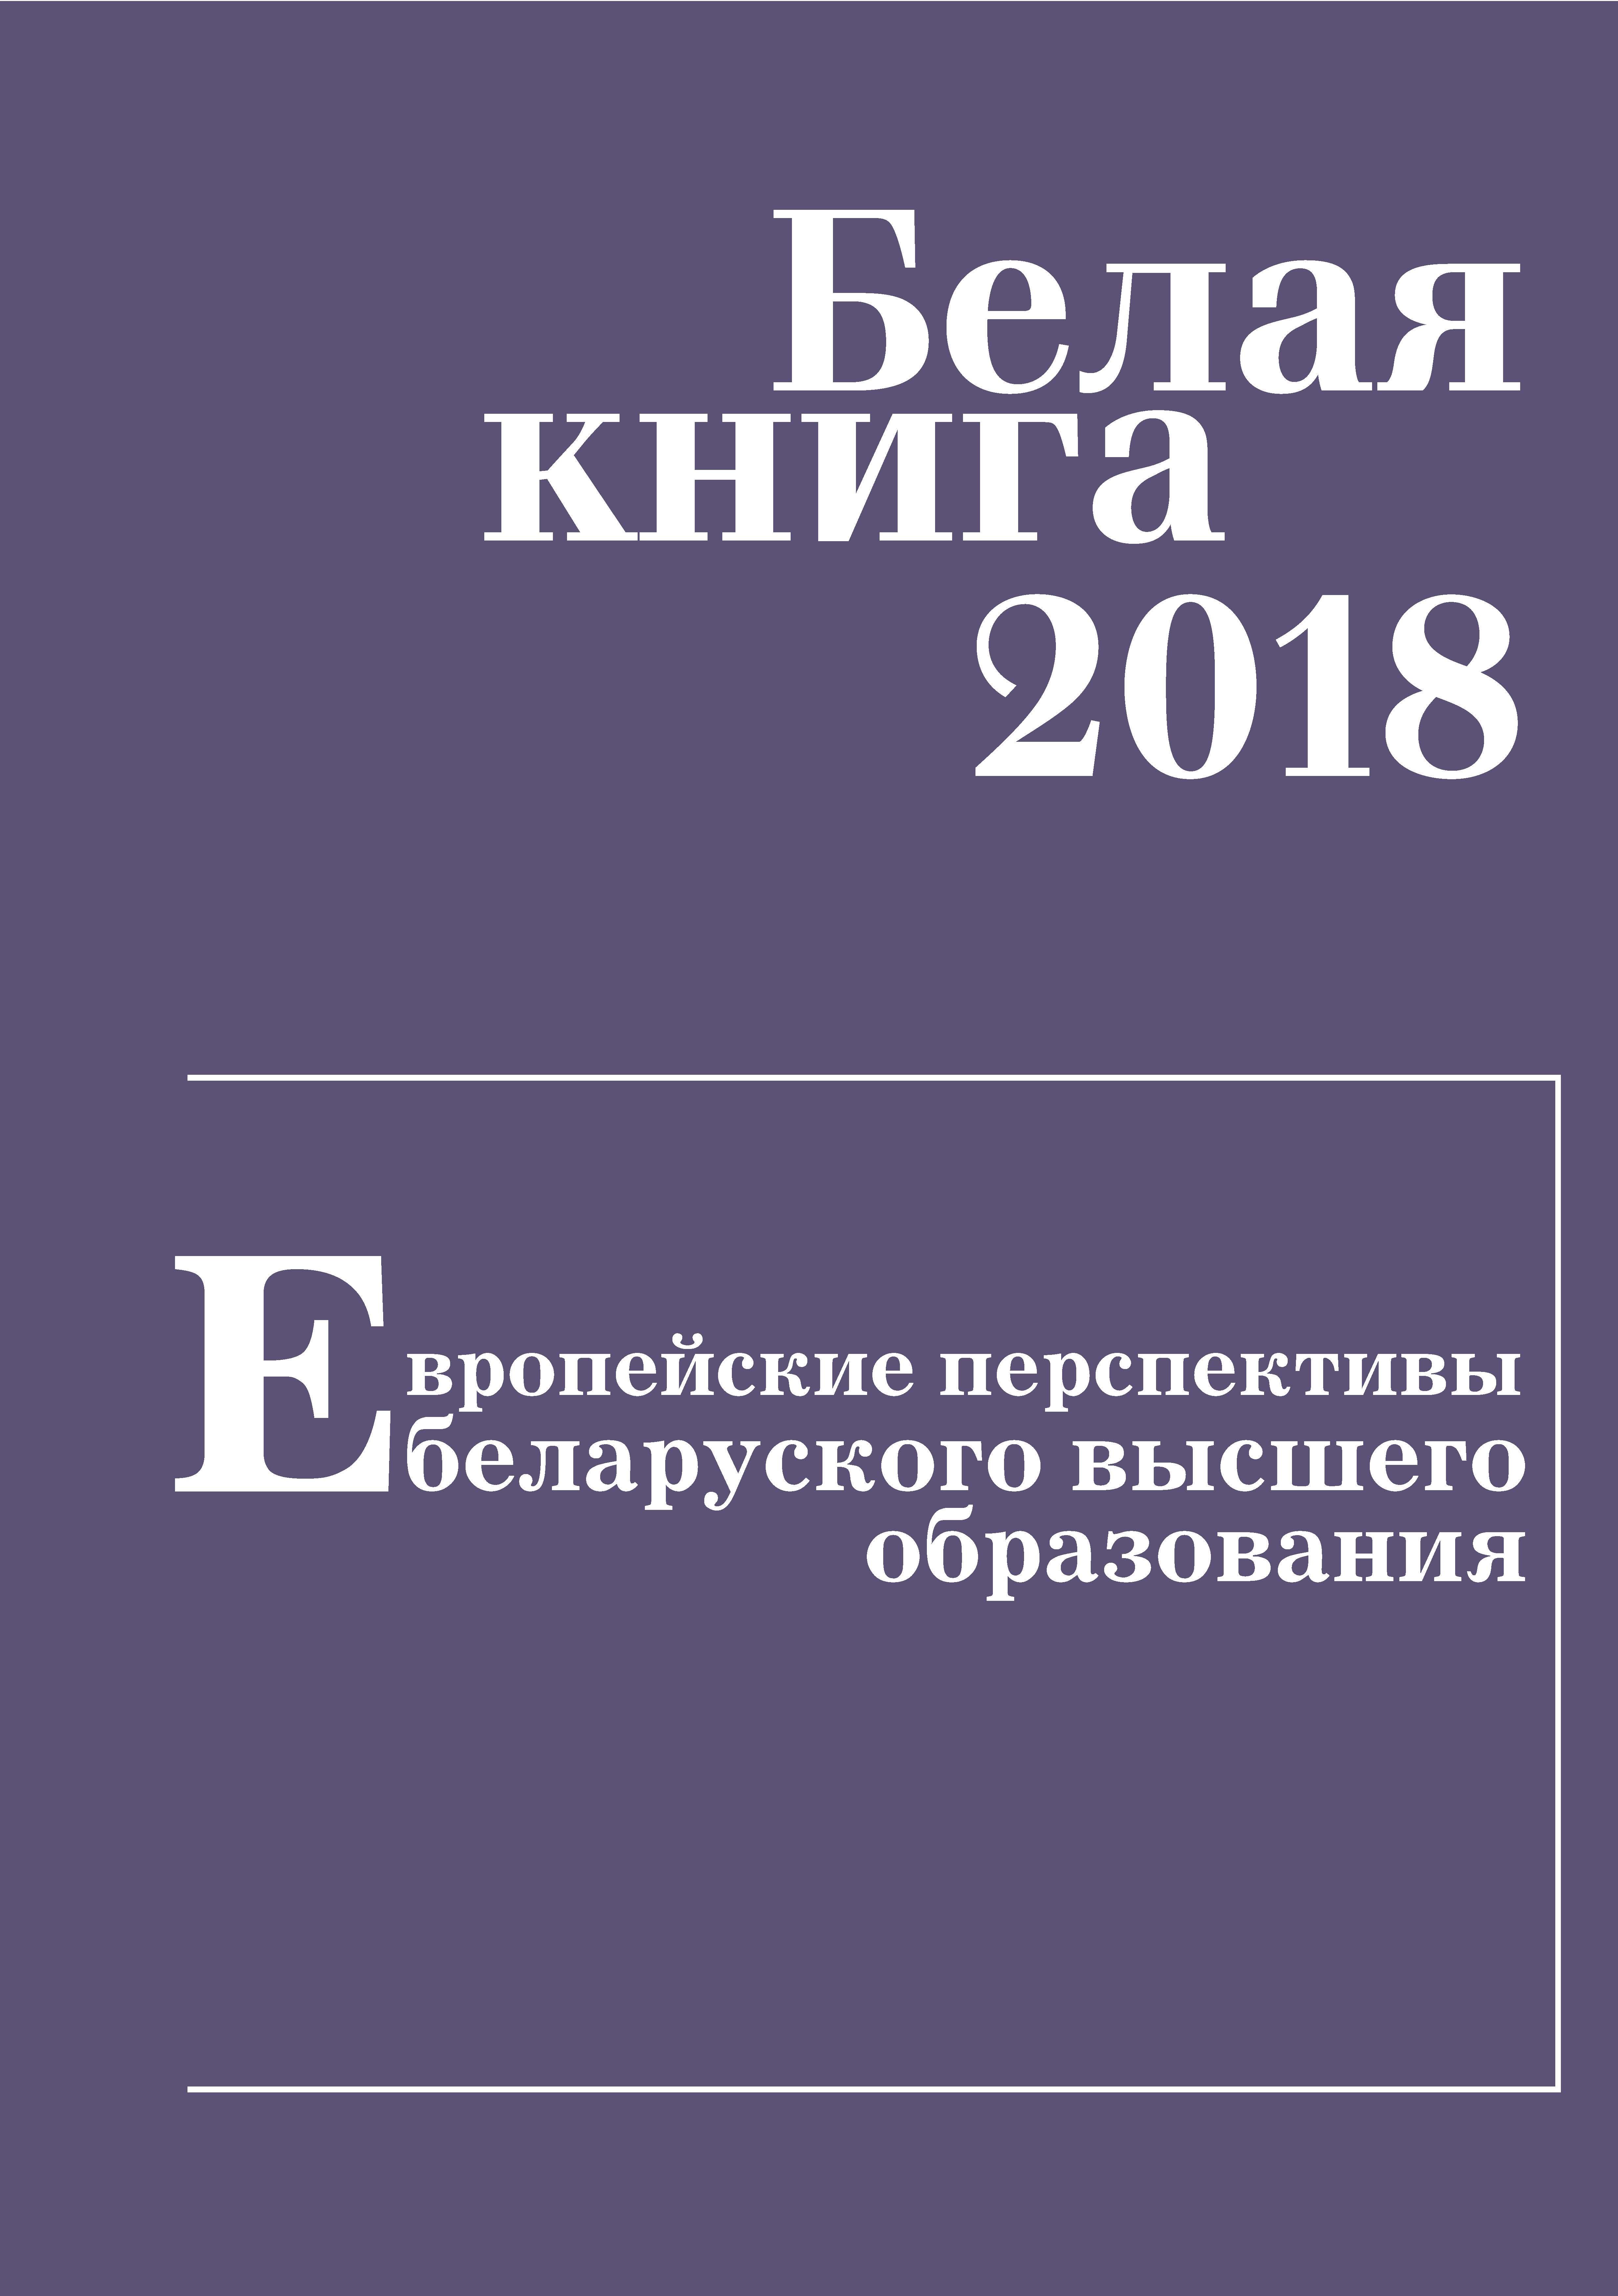 Белая книга 2018. Европейские перспективы беларуского высшего образования